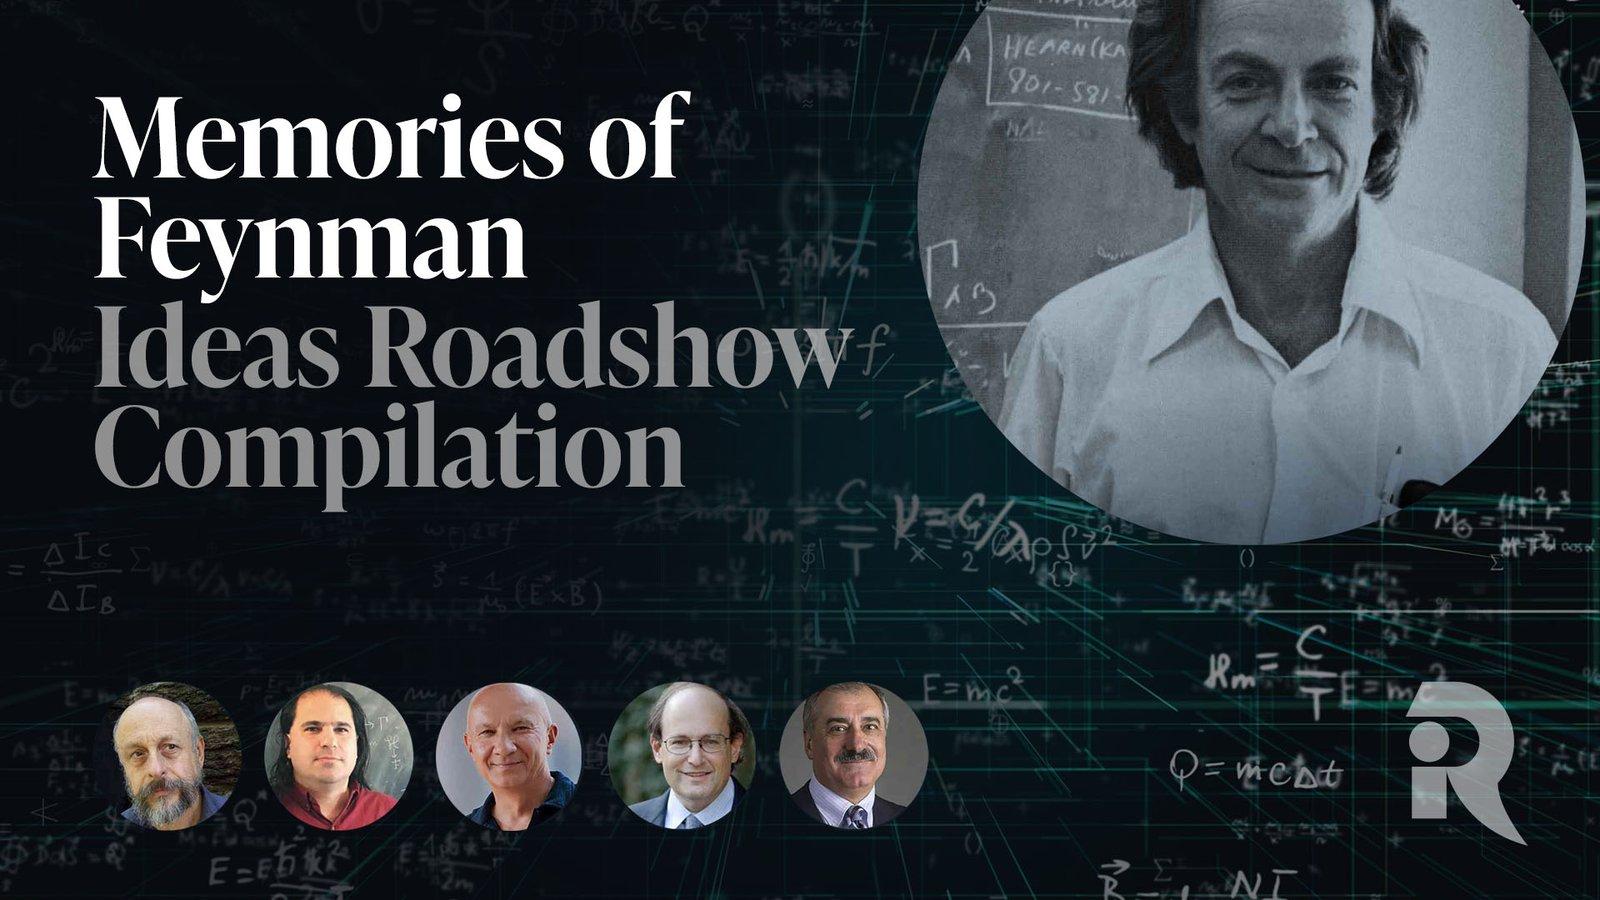 Memories of Feynman